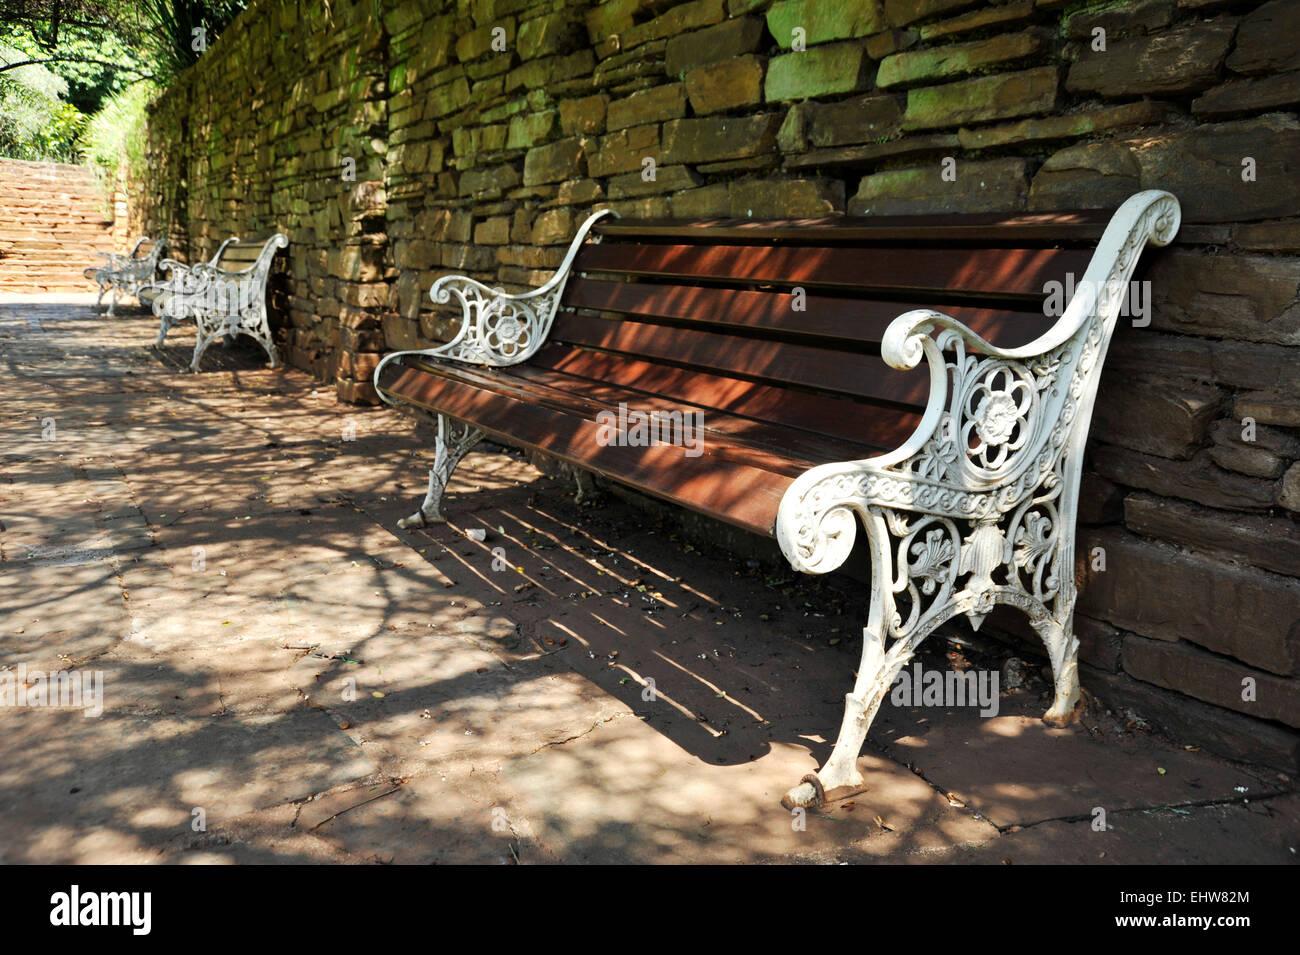 Fila de exterior bancos de madera y hierro fundido jard n for Bancos de hierro para jardin